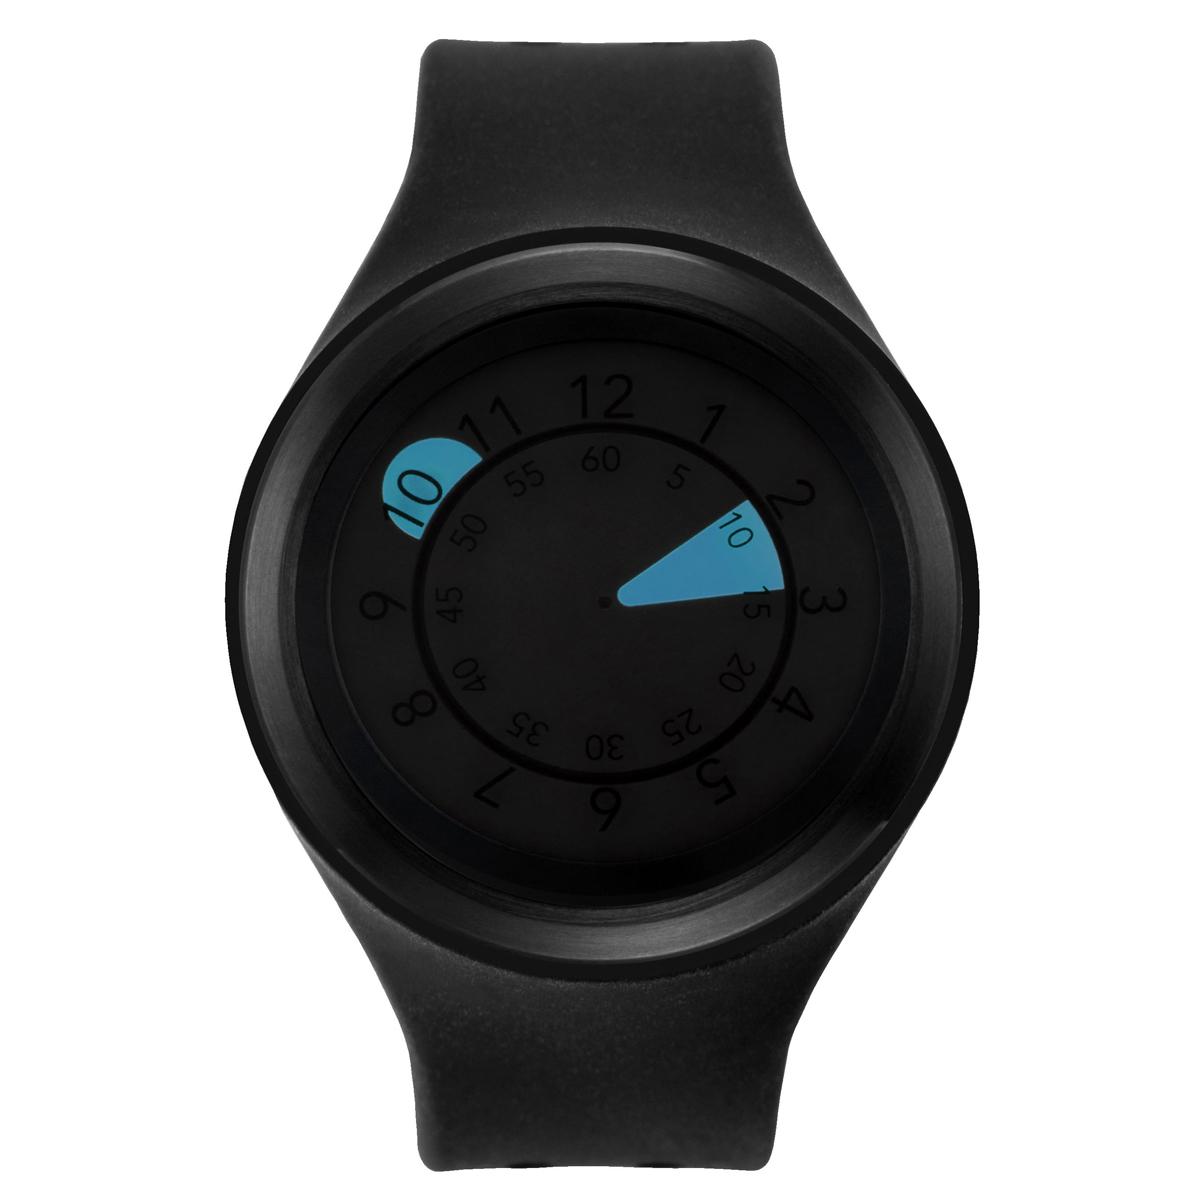 ZEROO AQUA DROP ゼロ 電池式クォーツ 腕時計 [W01202B03SR02] ブラック デザインウォッチ ペア用 メンズ レディース ユニセックス おしゃれ時計 デザイナーズ